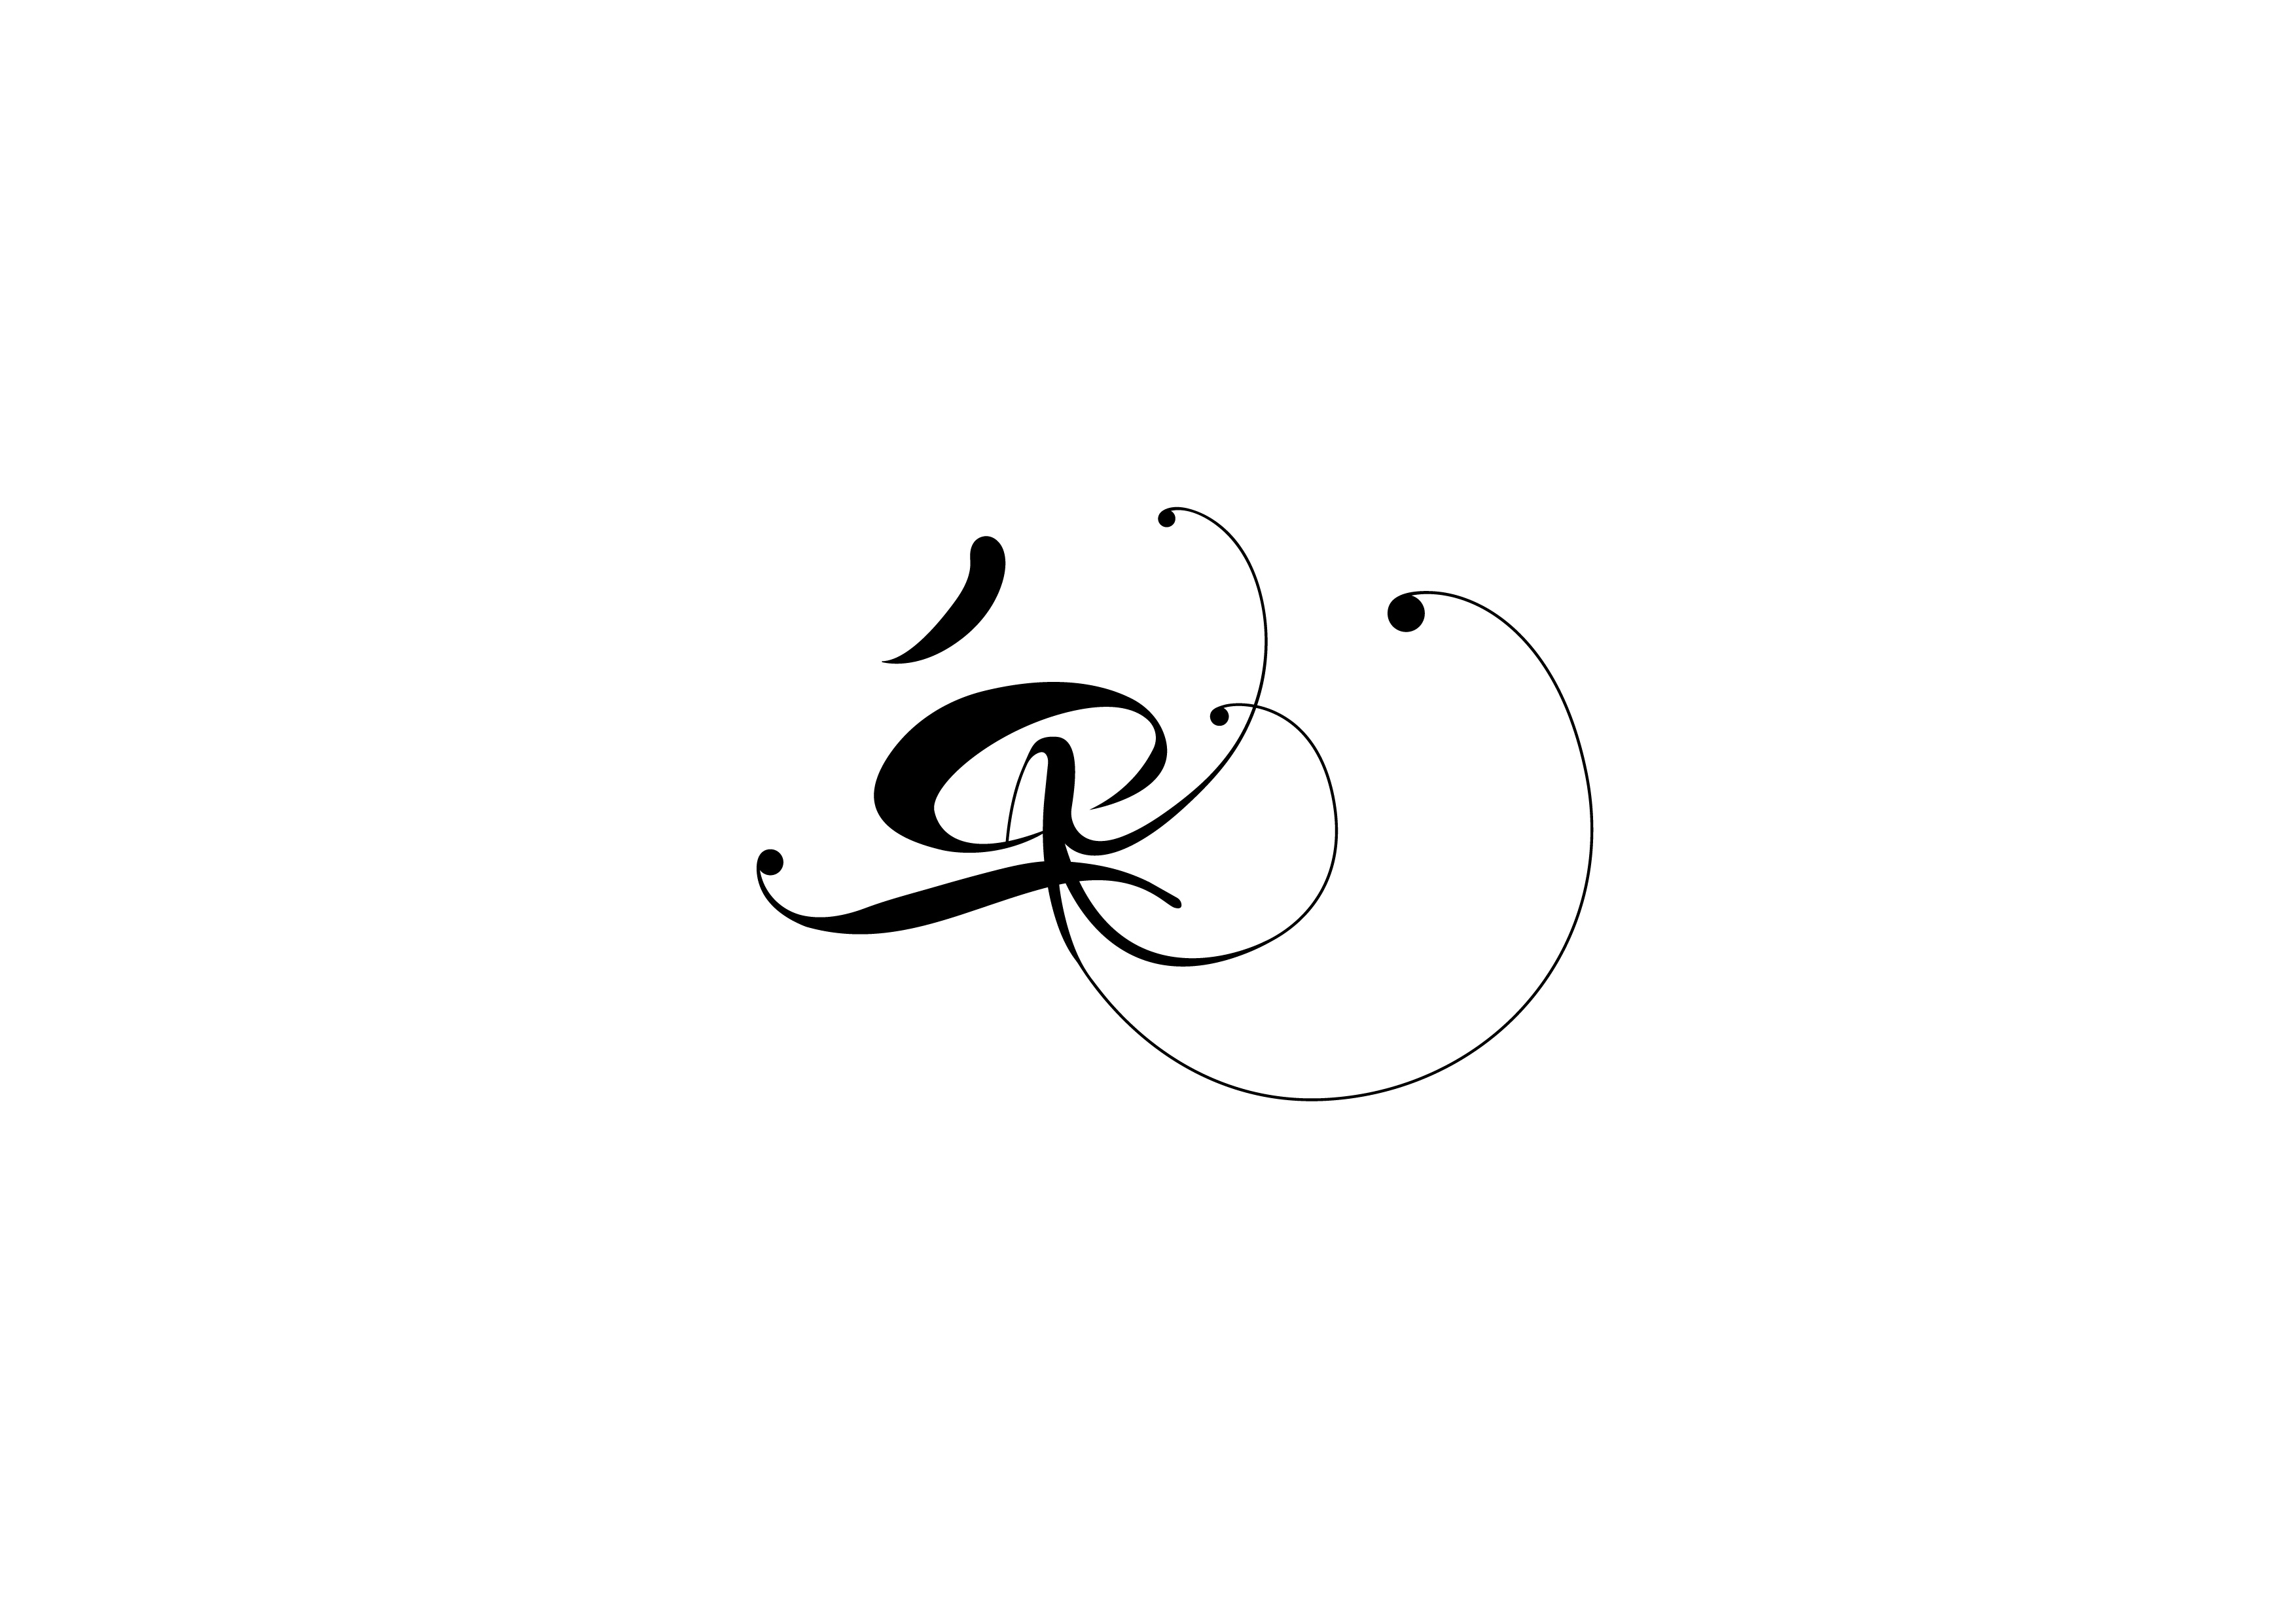 世界奢侈品logo大全_奢侈品牌logo大全横画图片